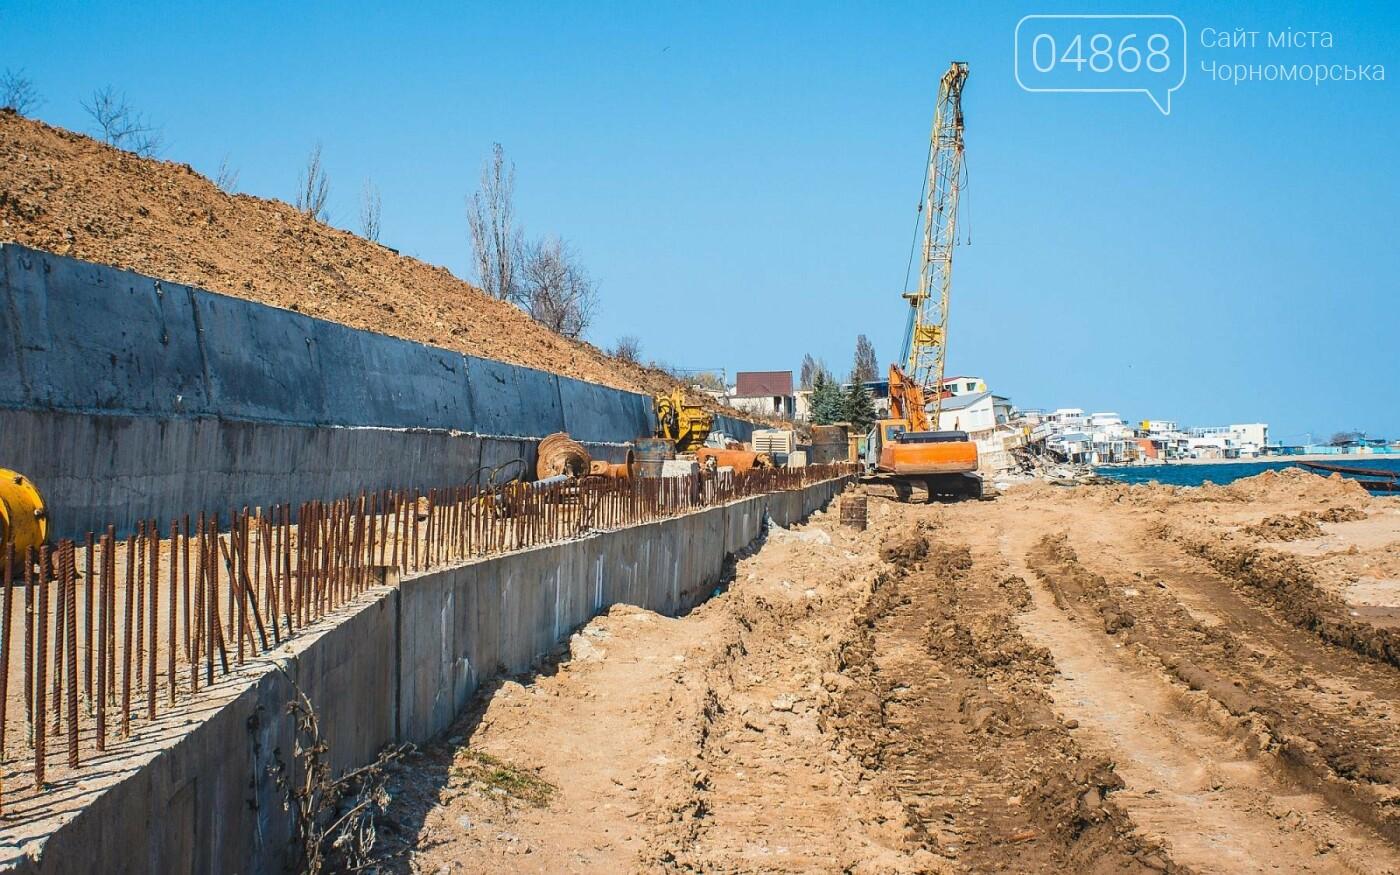 Работы по берегоукреплению в Черноморске продолжаются, фото-4